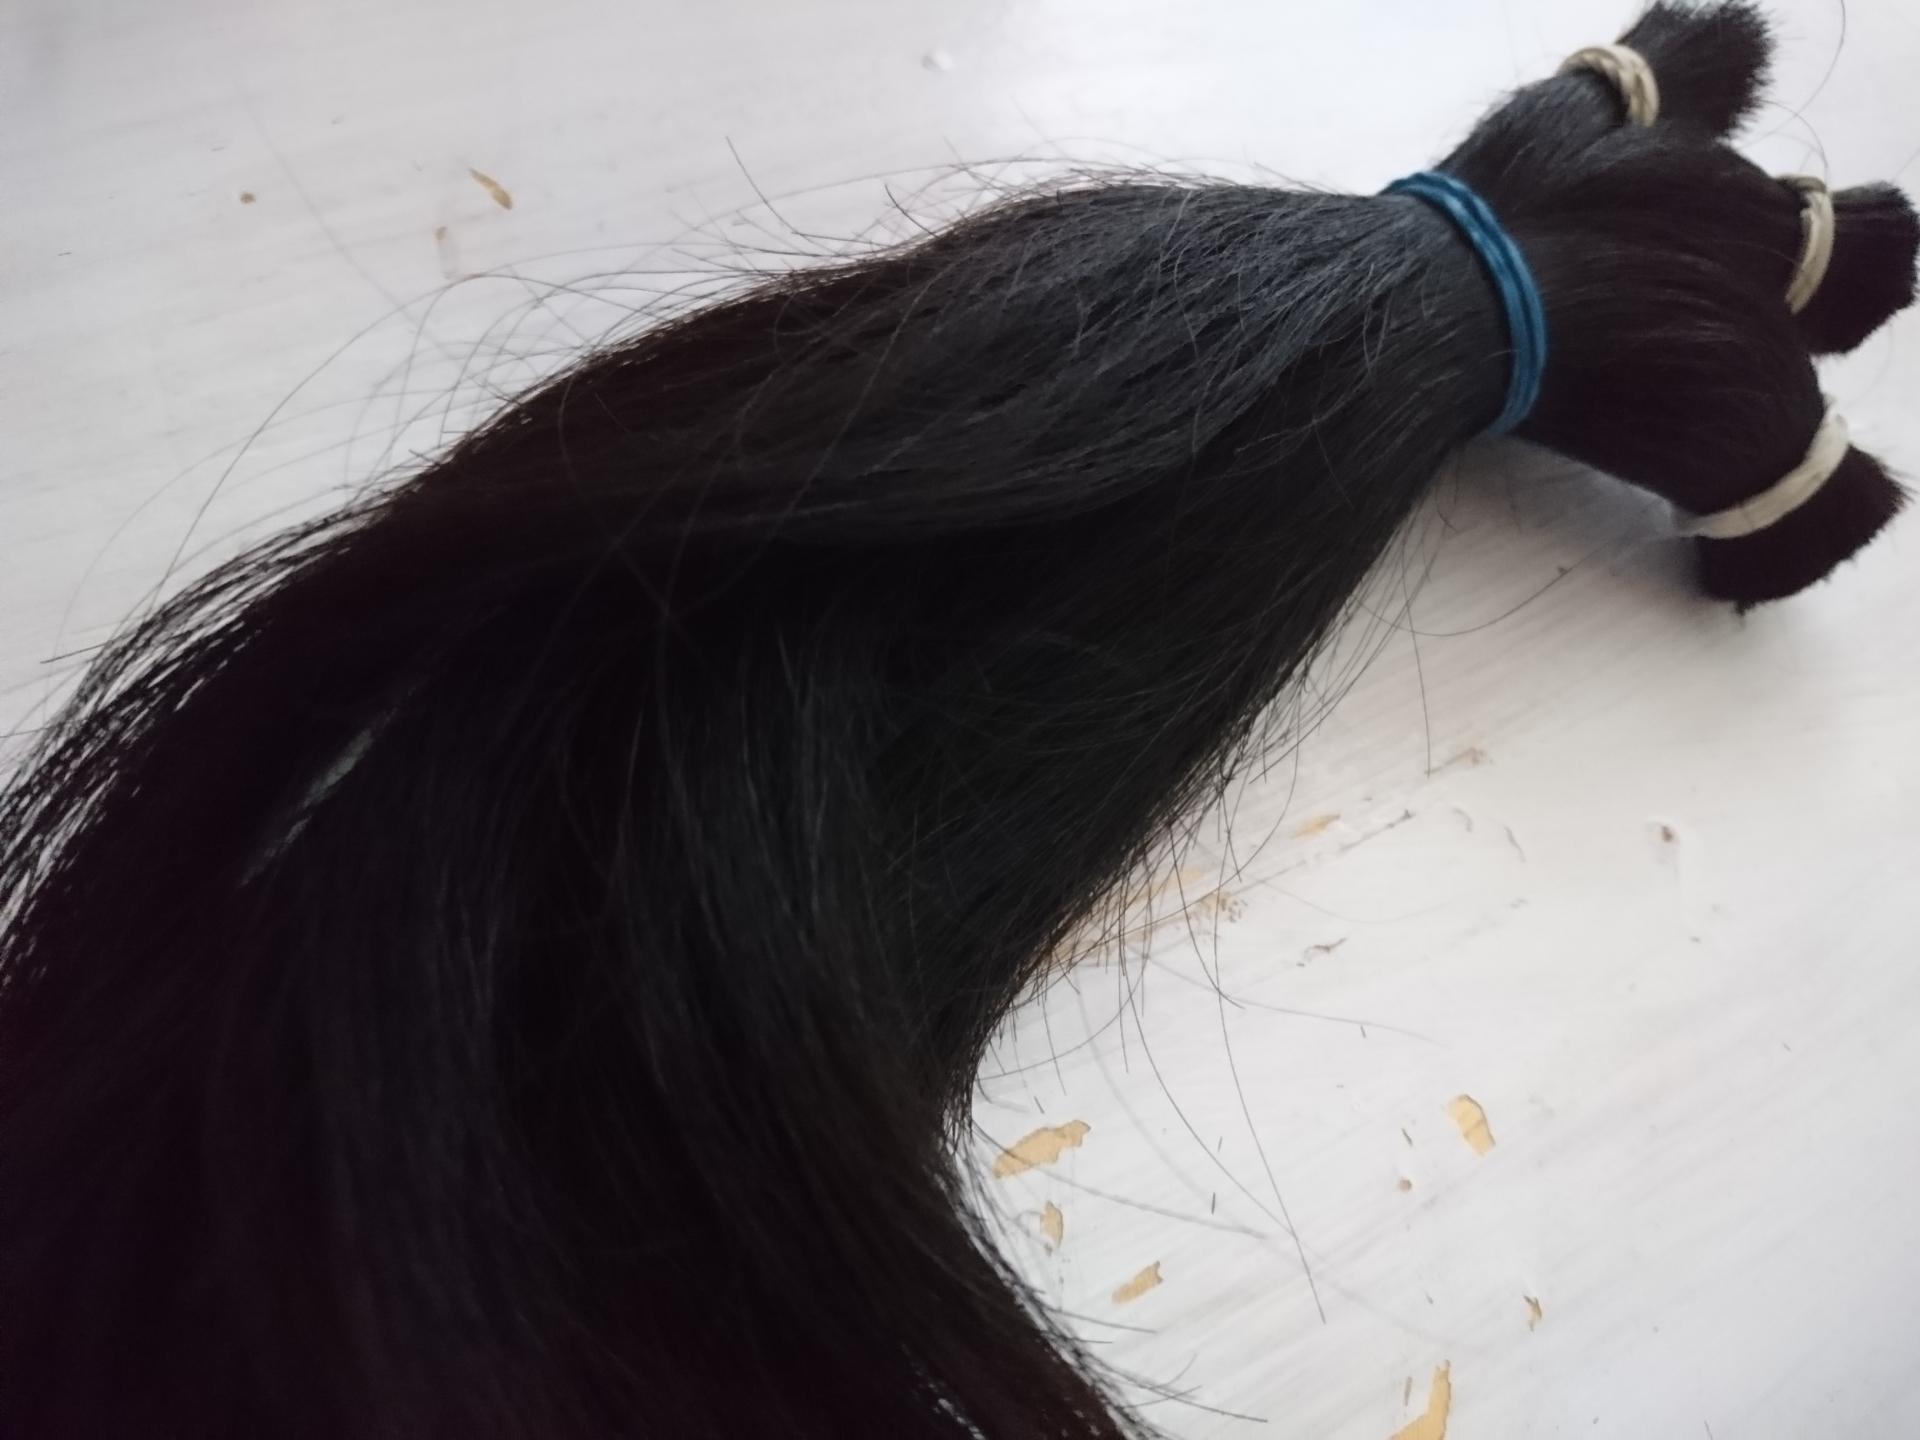 医療用のウイッグの原料となる頭髪を無償提供「ヘアドネーション」について